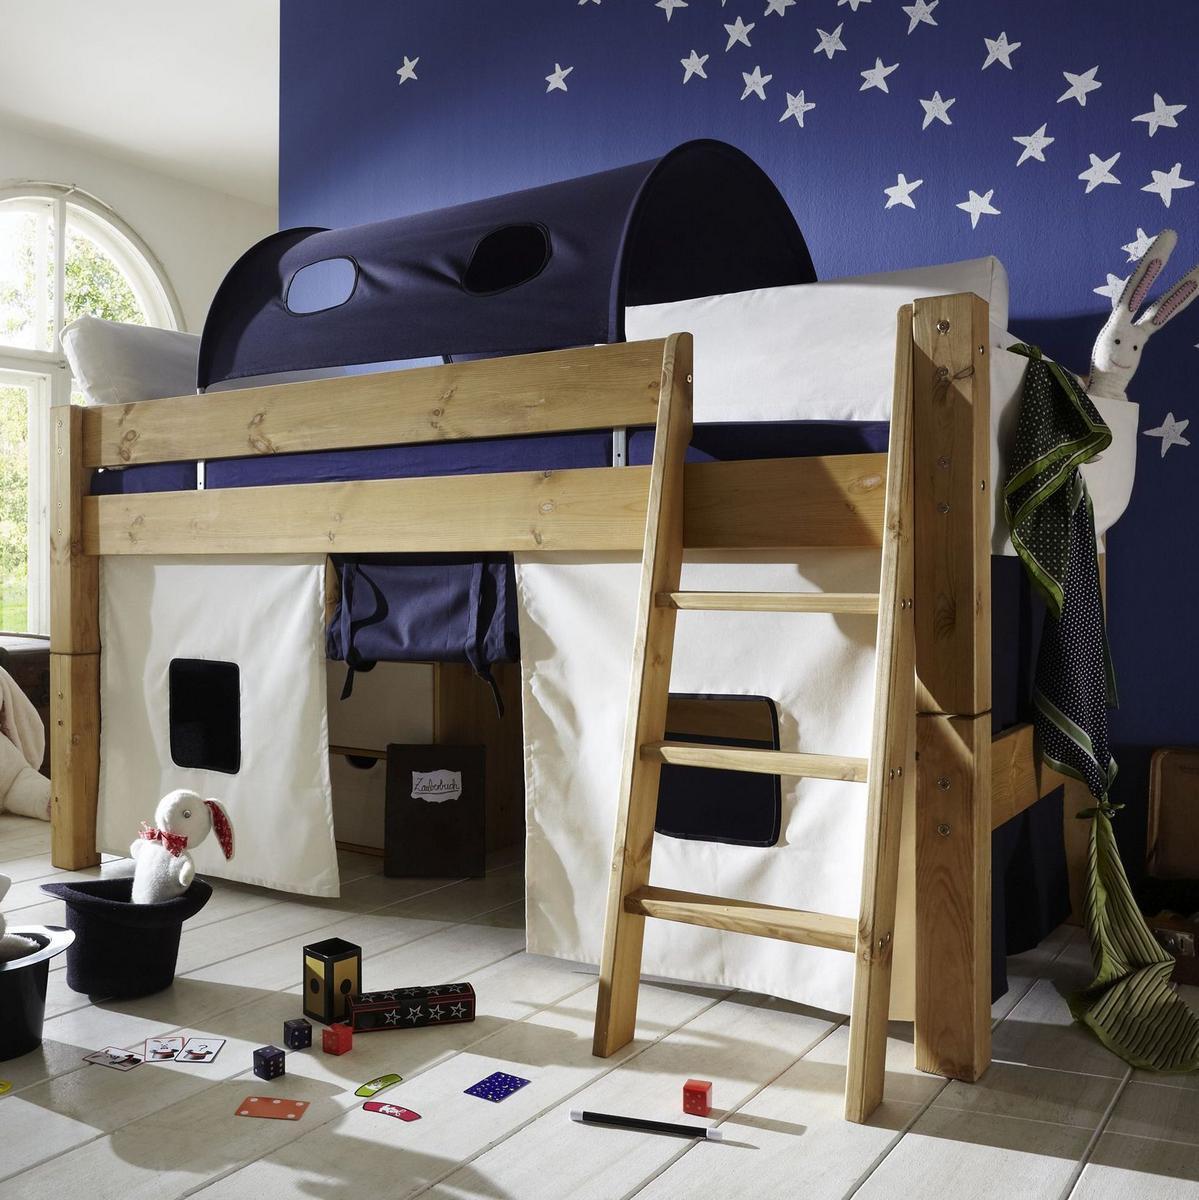 massivholz hochbett tobykids kiefer massiv gelaugt ge lt. Black Bedroom Furniture Sets. Home Design Ideas